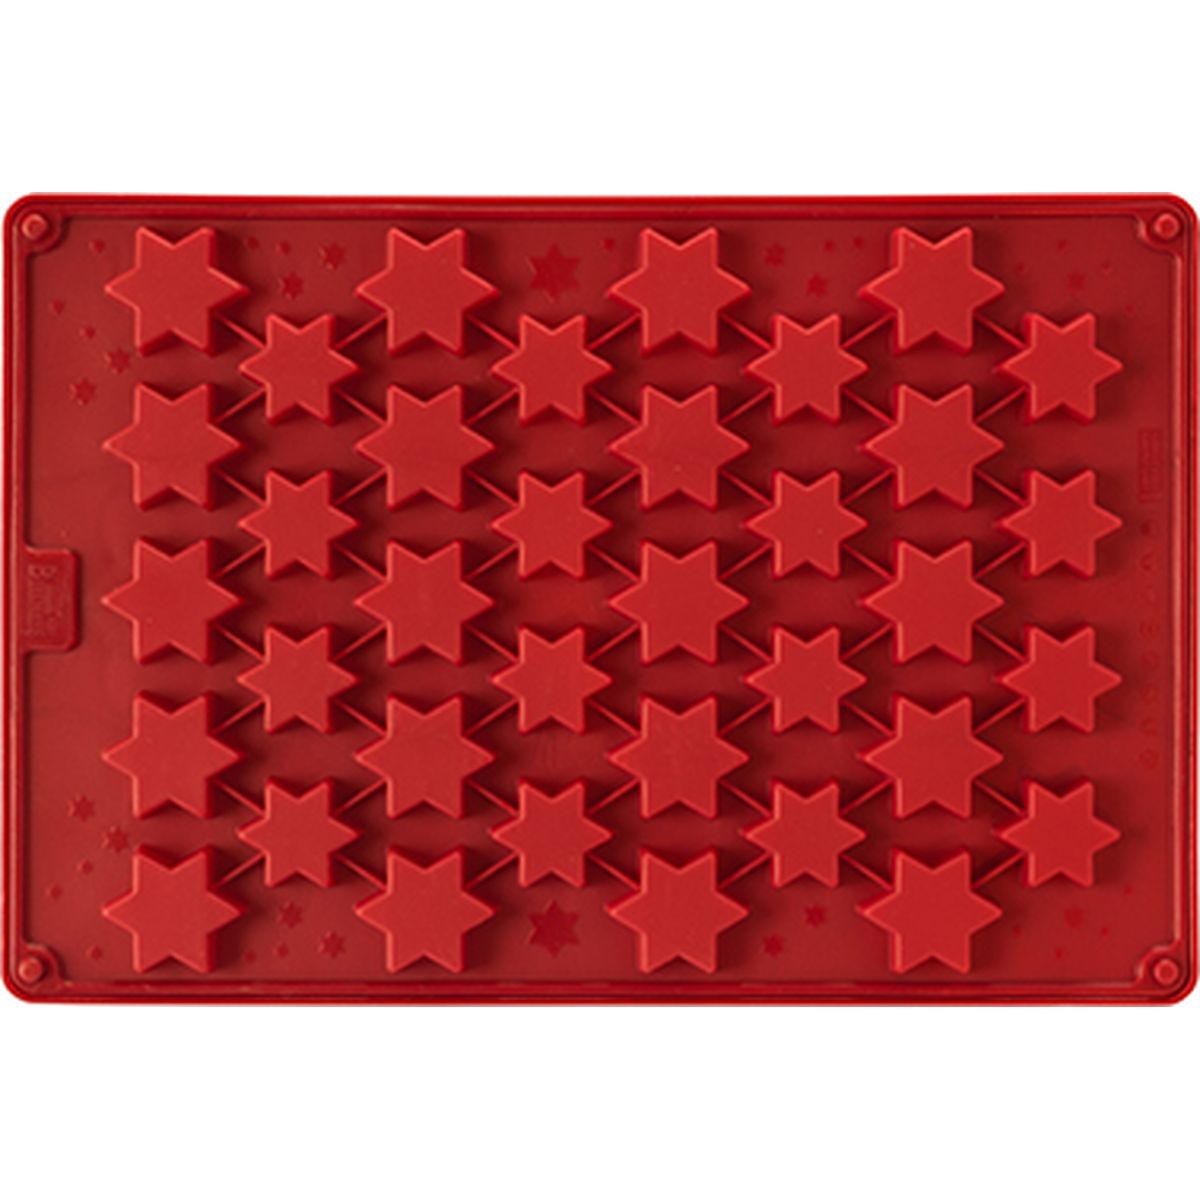 Moule en silicone 36 biscuits étoiles 26 x 38 cm - Birkmann